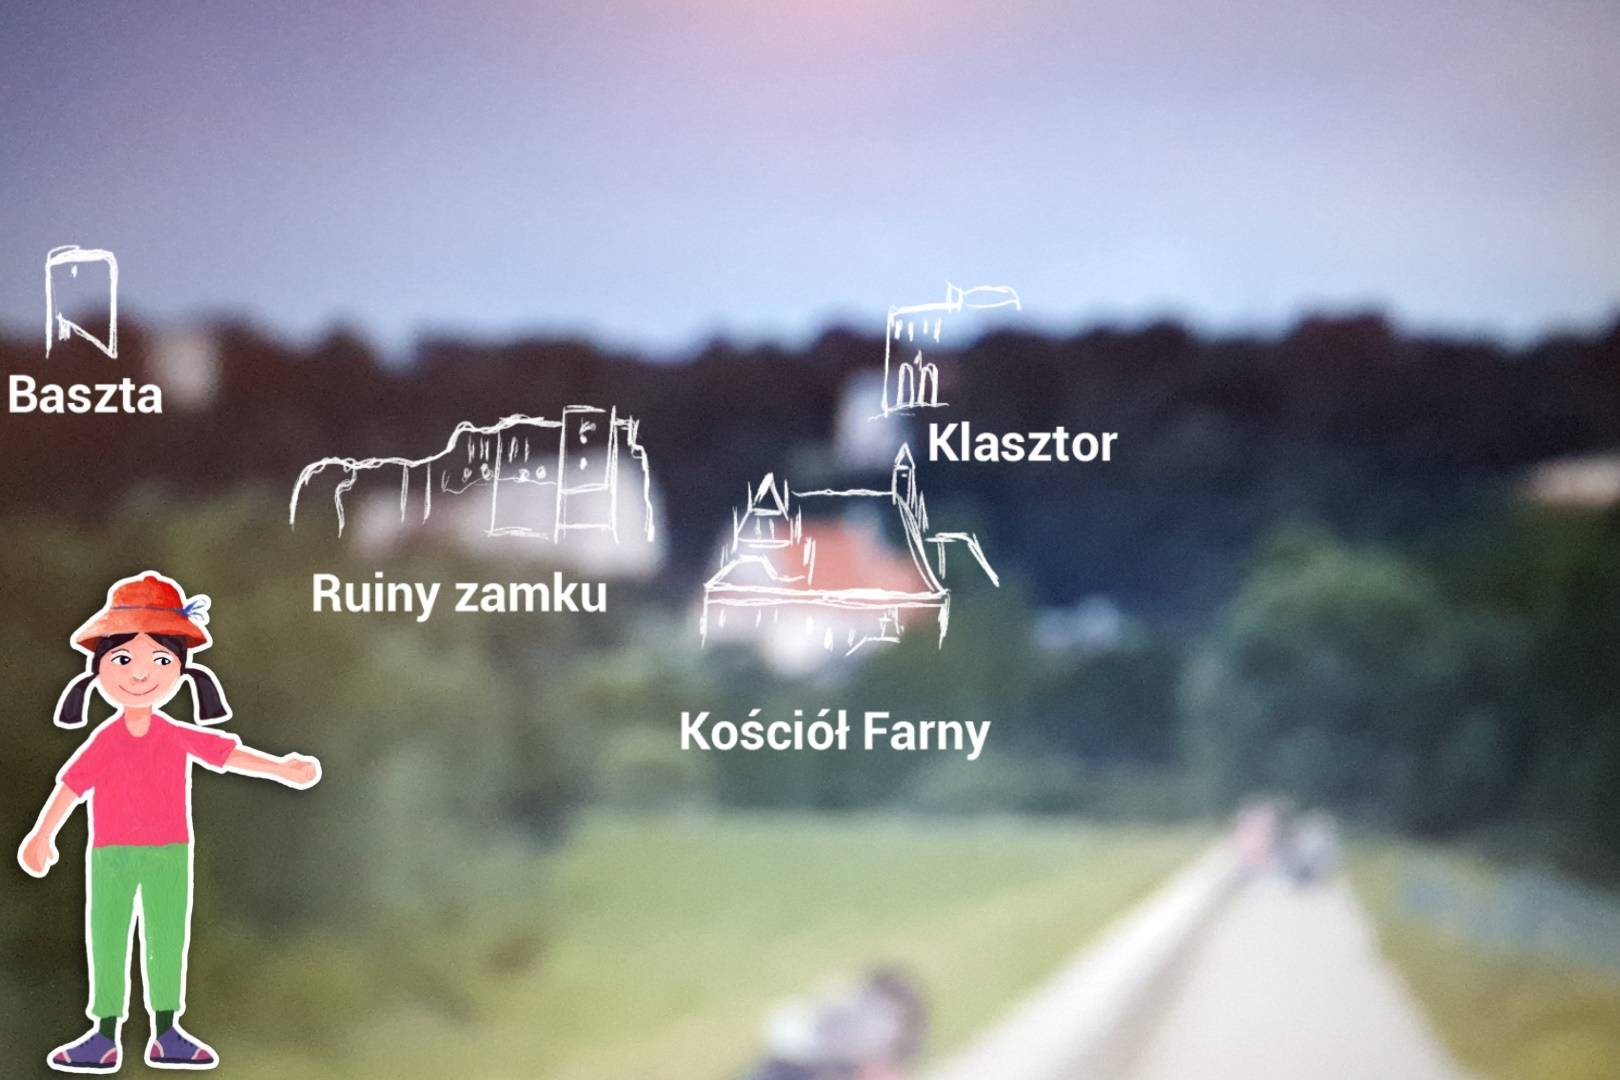 Mały Przyrodnik Przygoda Kazimierz Dolny Esterka - trasa Wisła 2